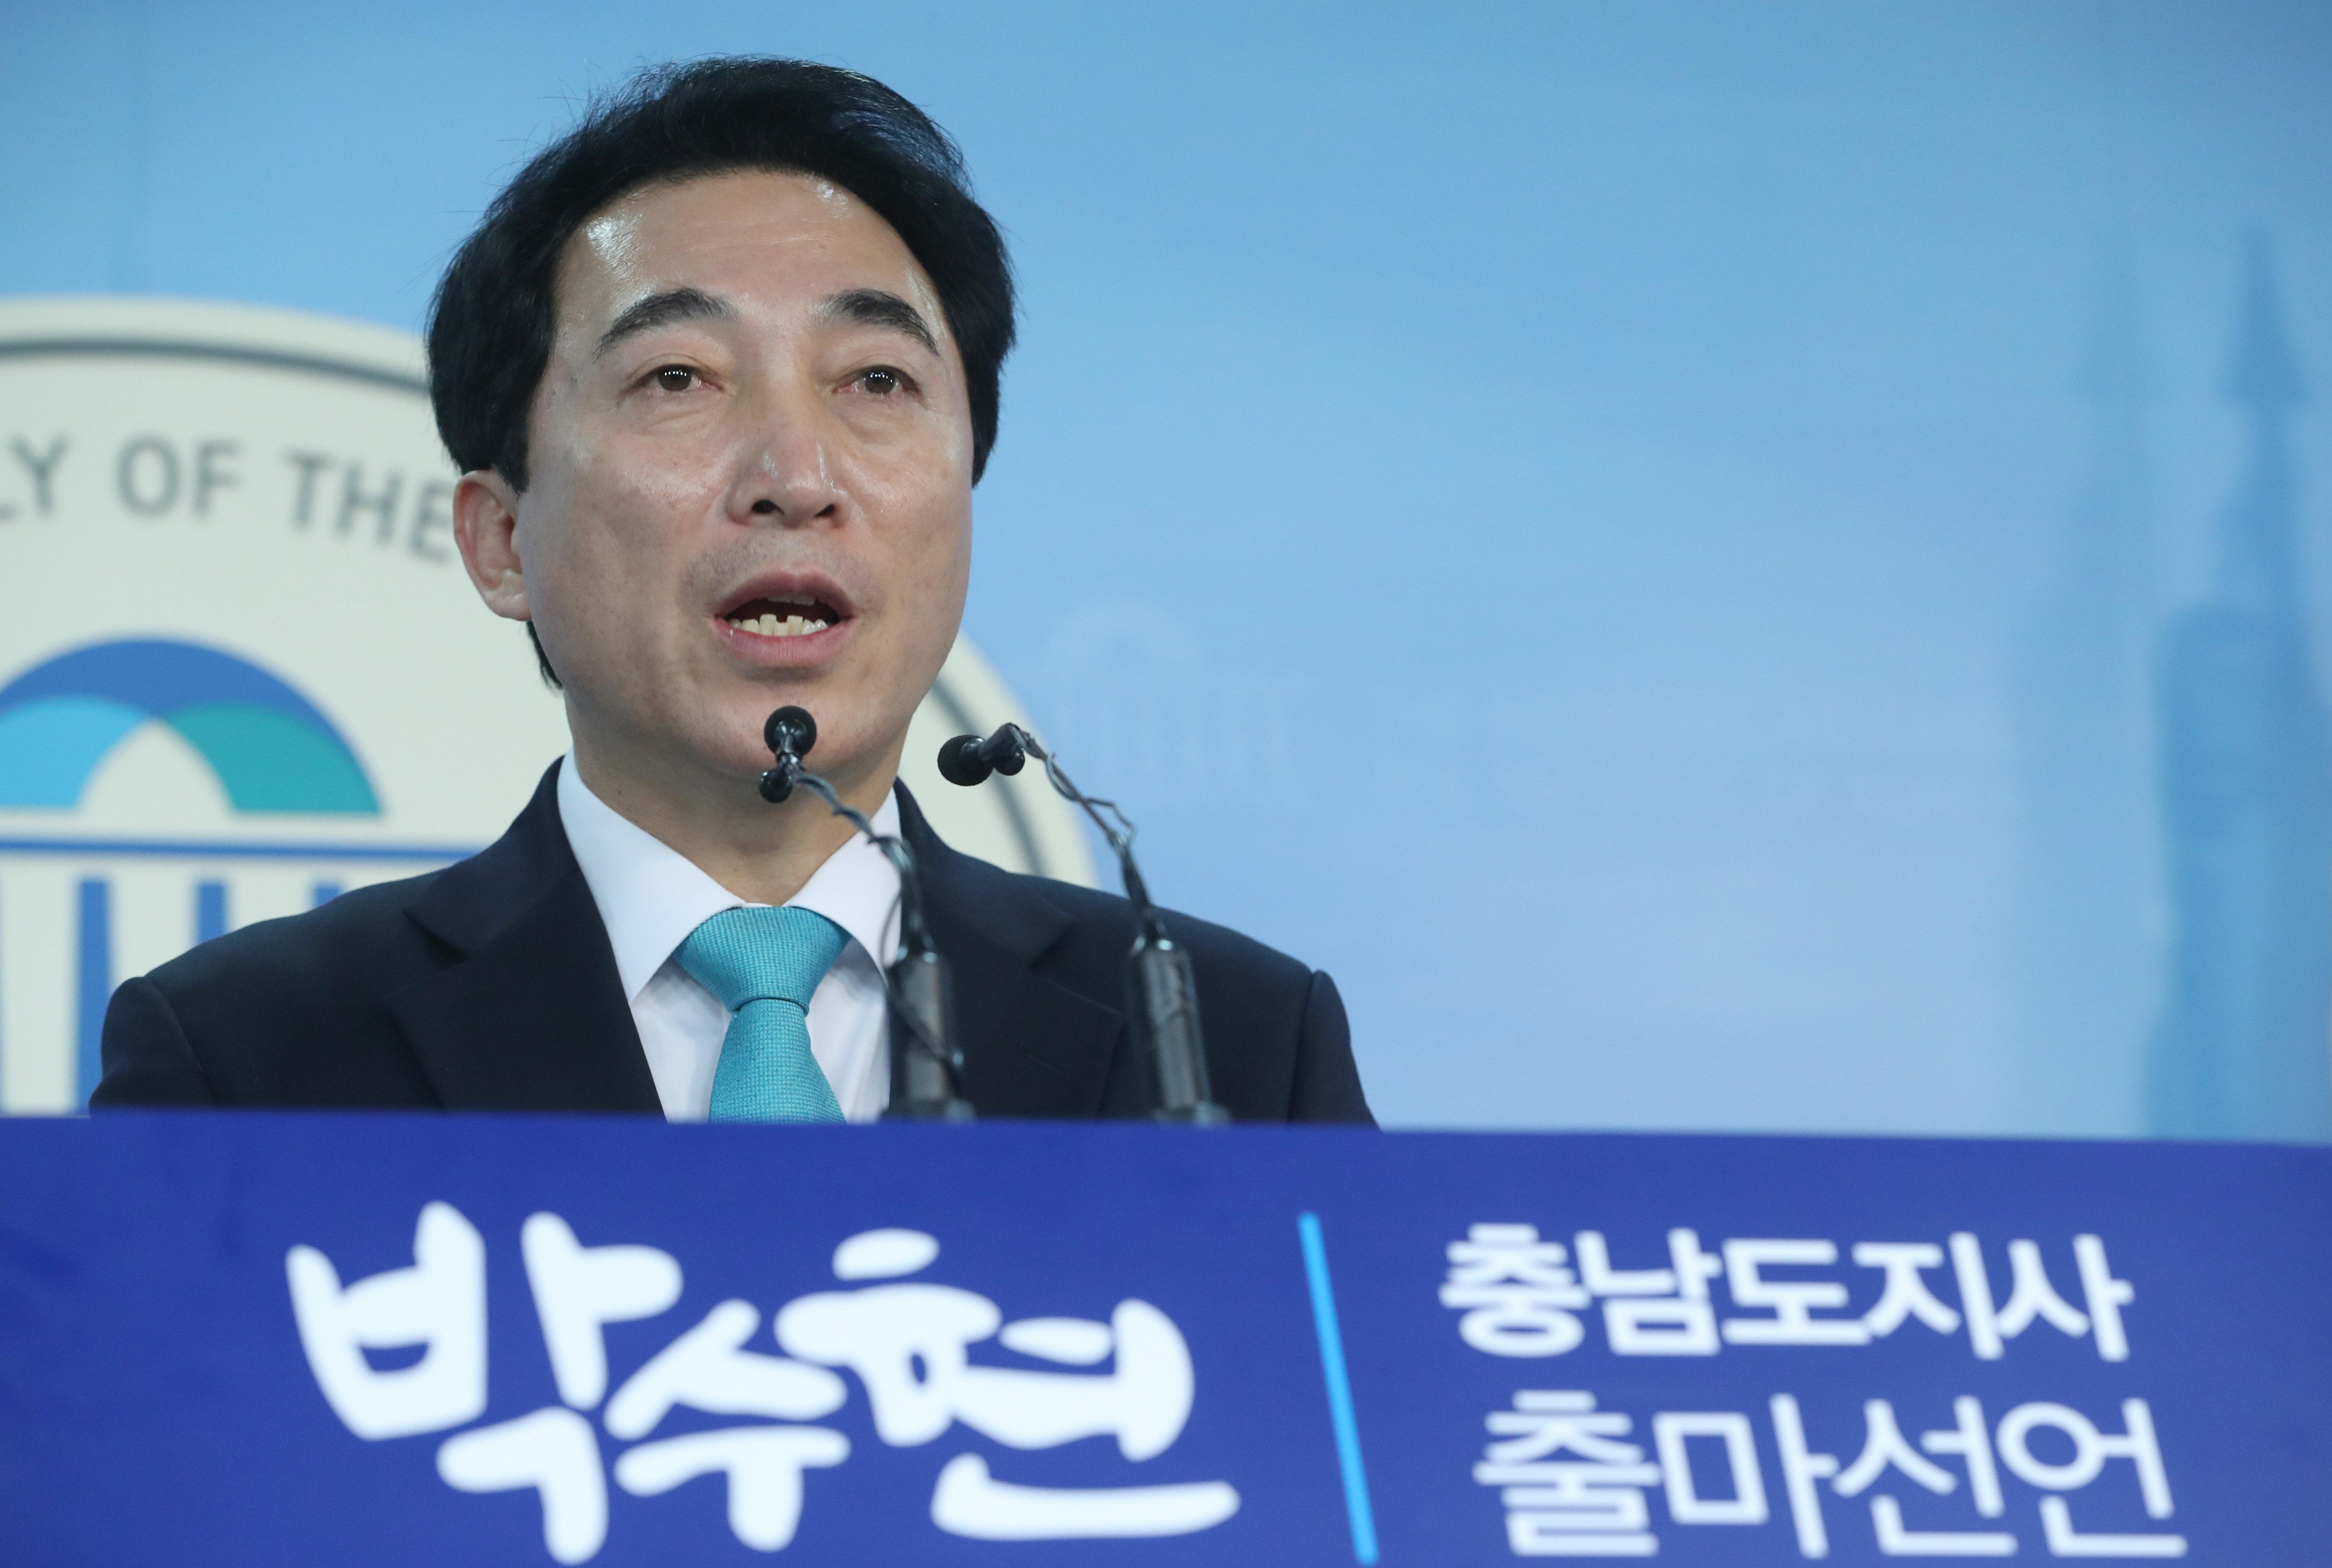 박수현이 '도지사 예비후보'로서의 선거운동을